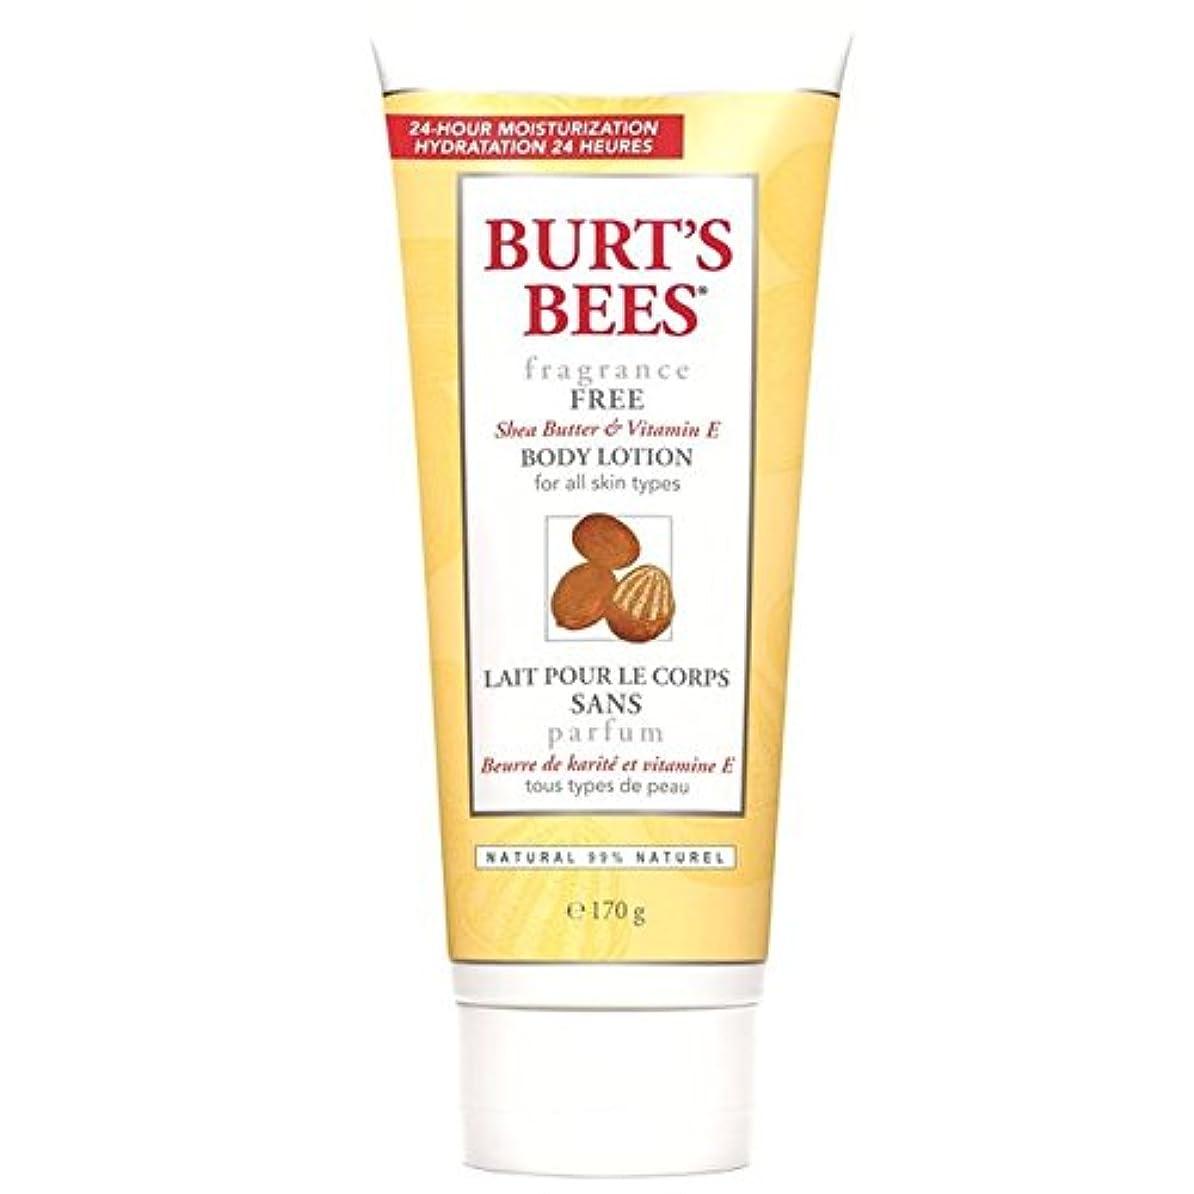 回転石炭瞑想的Burt's Bees Fragrance Free Body Lotion 177ml - バーツビーの無香料ボディローション177ミリリットル [並行輸入品]